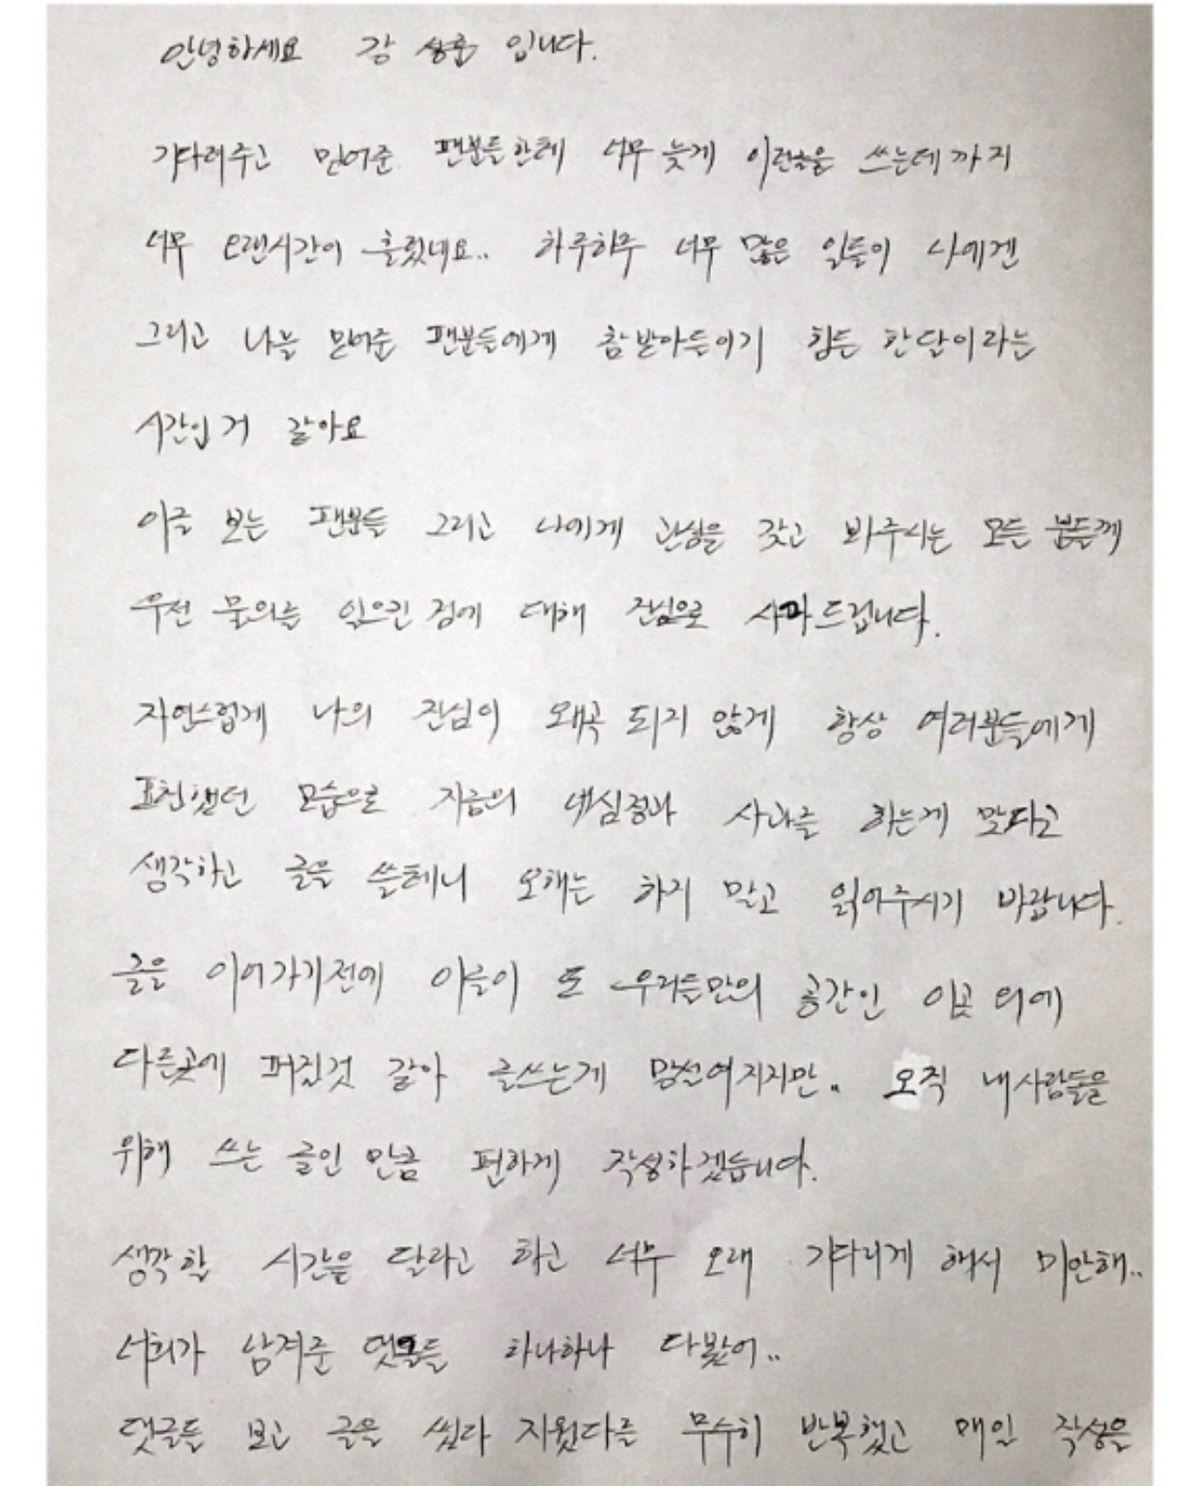 姜成勛道歉親筆信